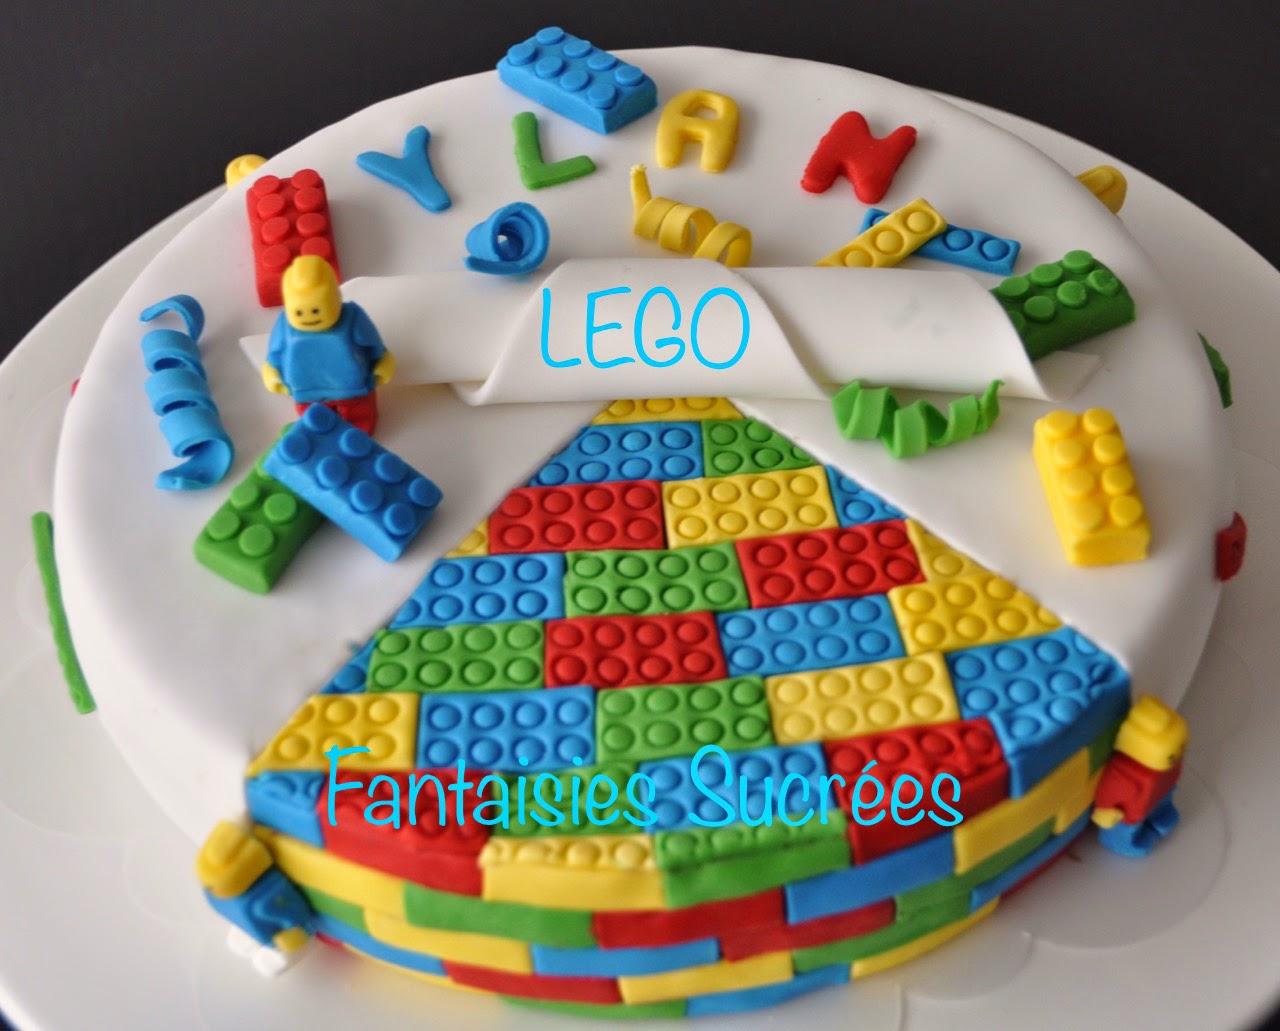 Fantaisies Sucrées: Gâteau 3D LEGO (LEGO birthday cake)